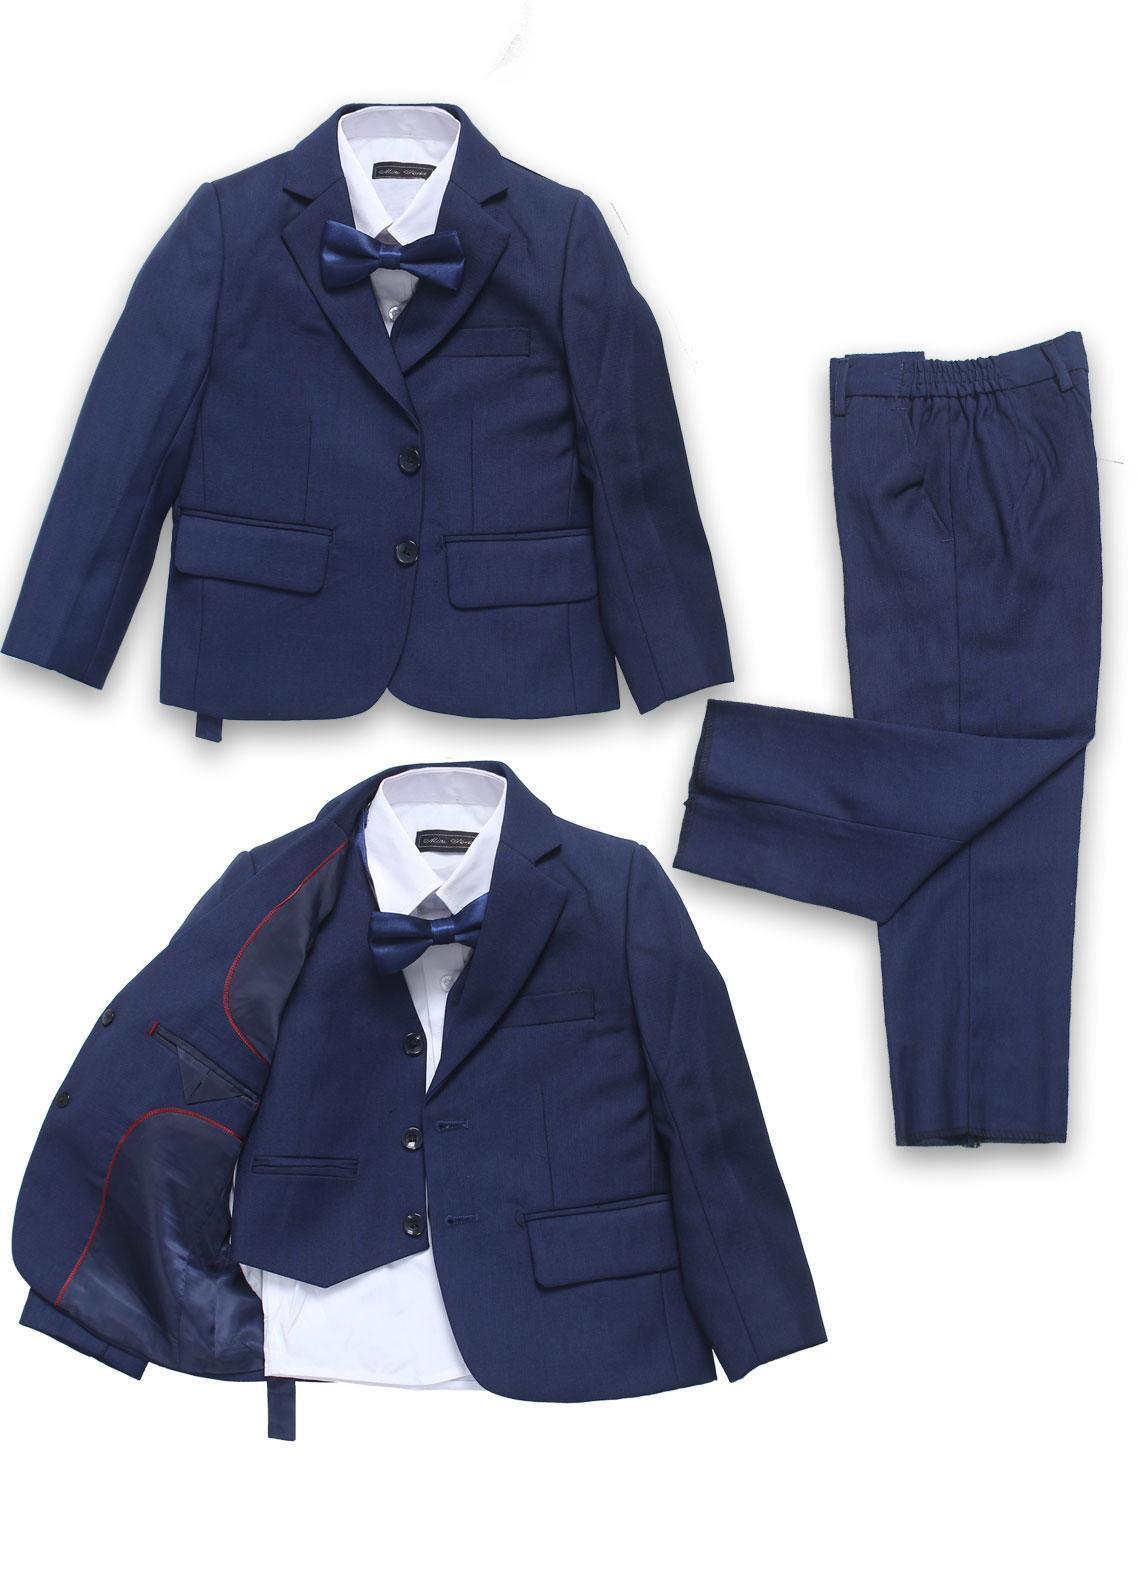 Sanaulla Exclusive Range Cotton Formal Coat Suit for Boys -  71822 Royal Blue